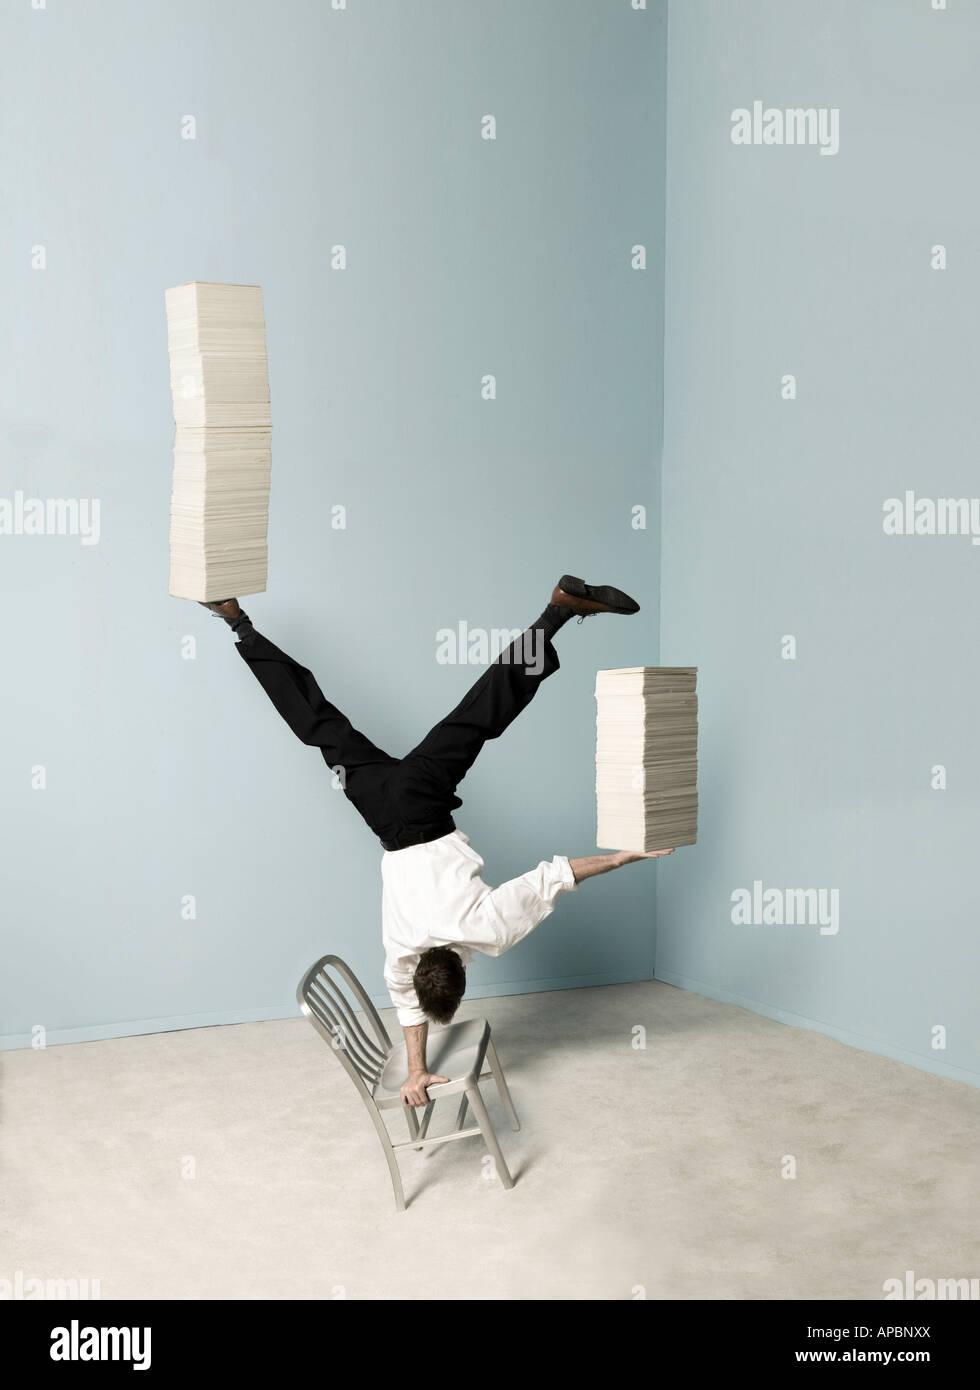 Soldes homme d'affaires de piles de papiers tout en faisant un appui sur une chaise dans l'office solde Photo Stock